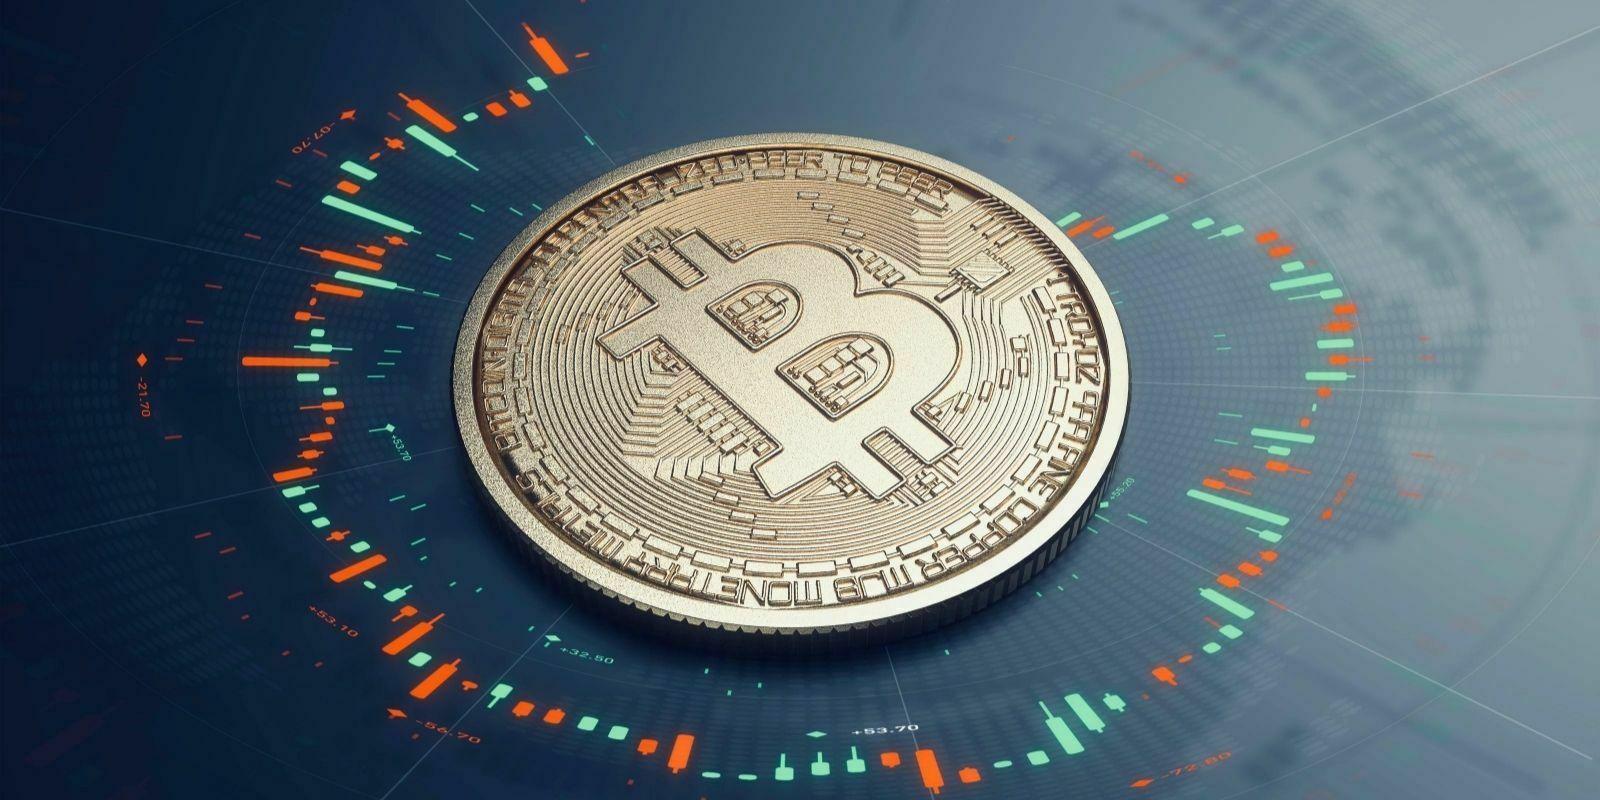 Le Bitcoin (BTC) valide ses signaux haussiers malgré le flash crash